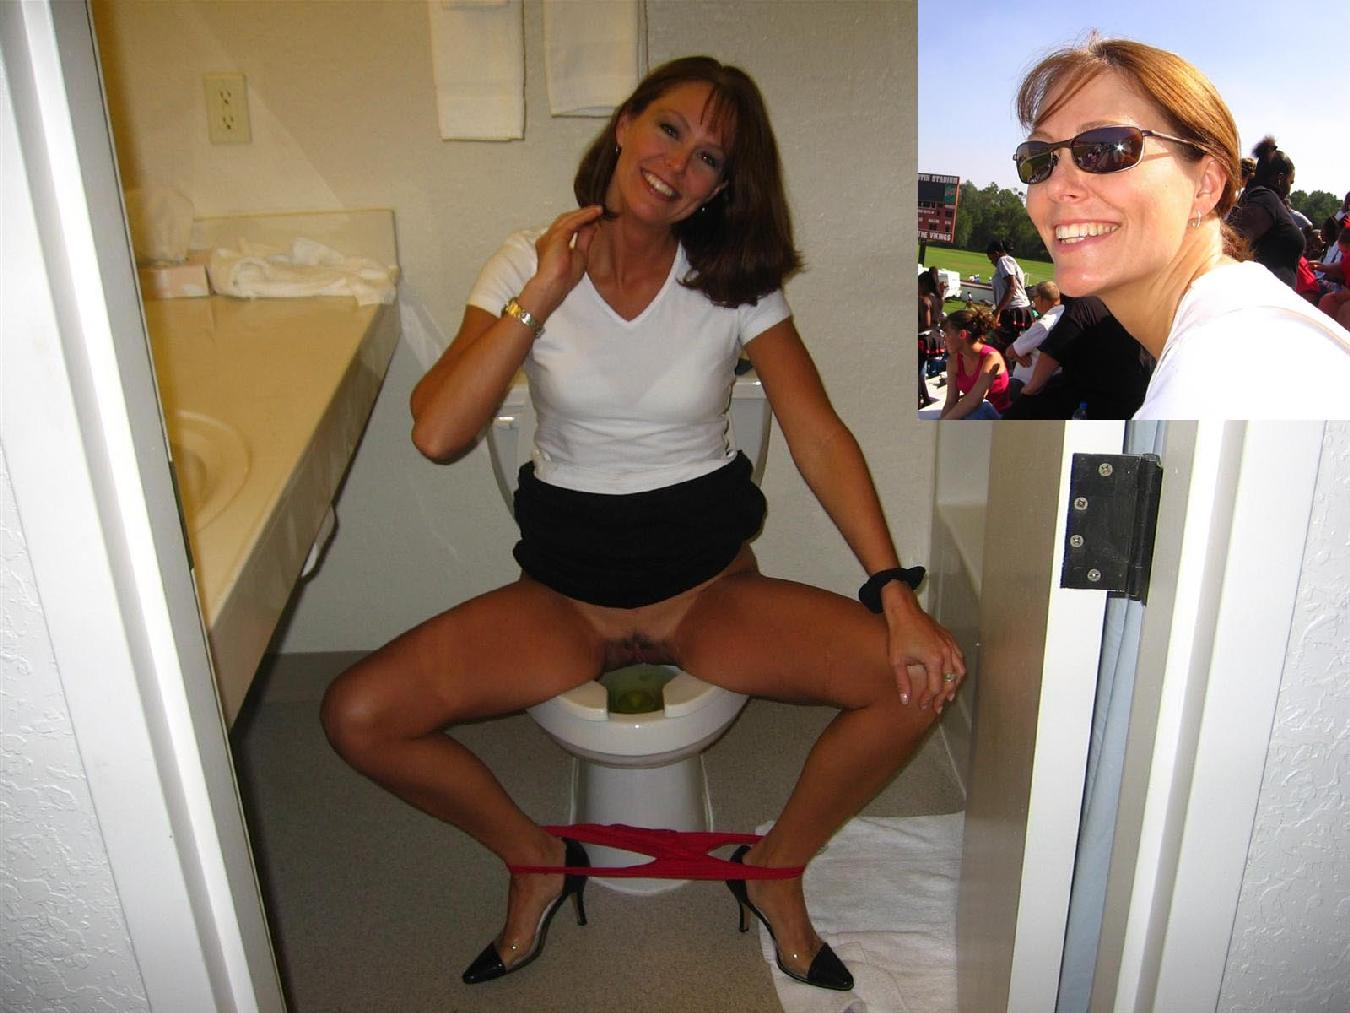 Пьяная жена писает в туалете, Девушки в туалете, писсинг на скрытую камеру 2 фотография